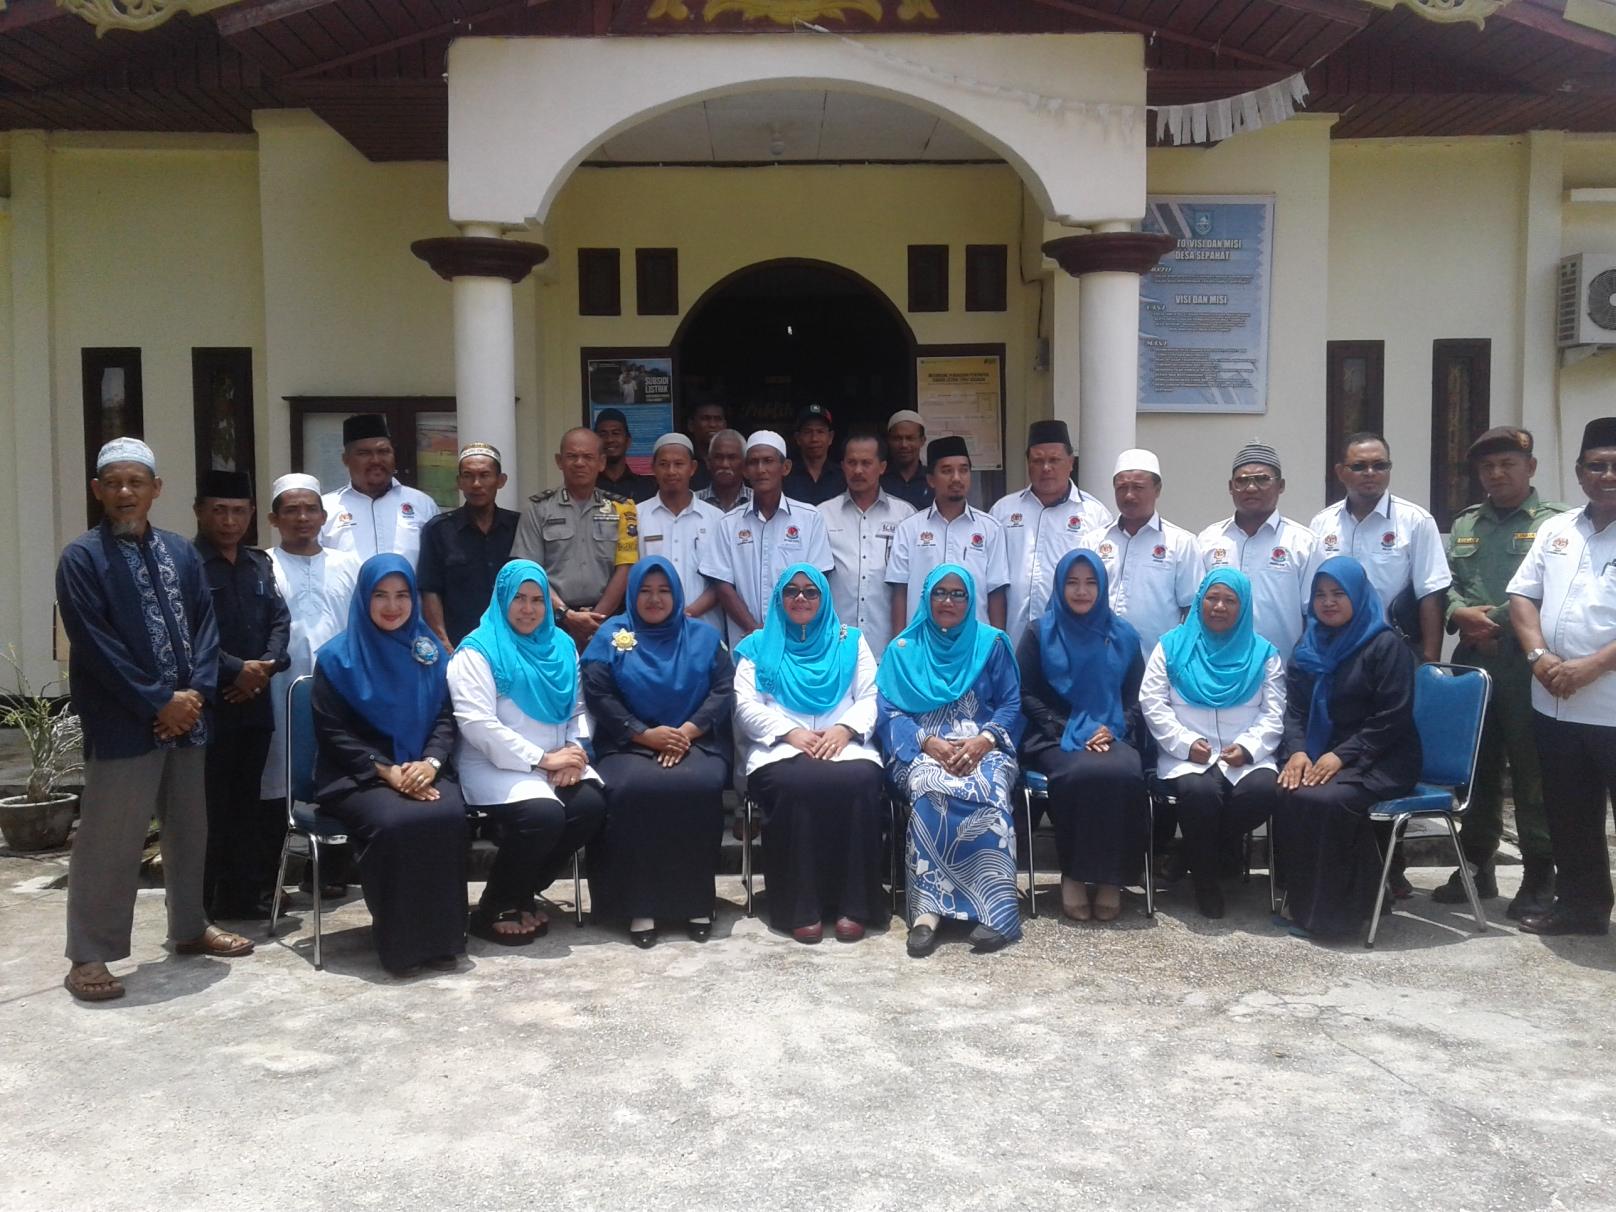 Foto bersama Pemdes dan Kg.Sungai Sireh Tanjong Karang selangorMalaysia